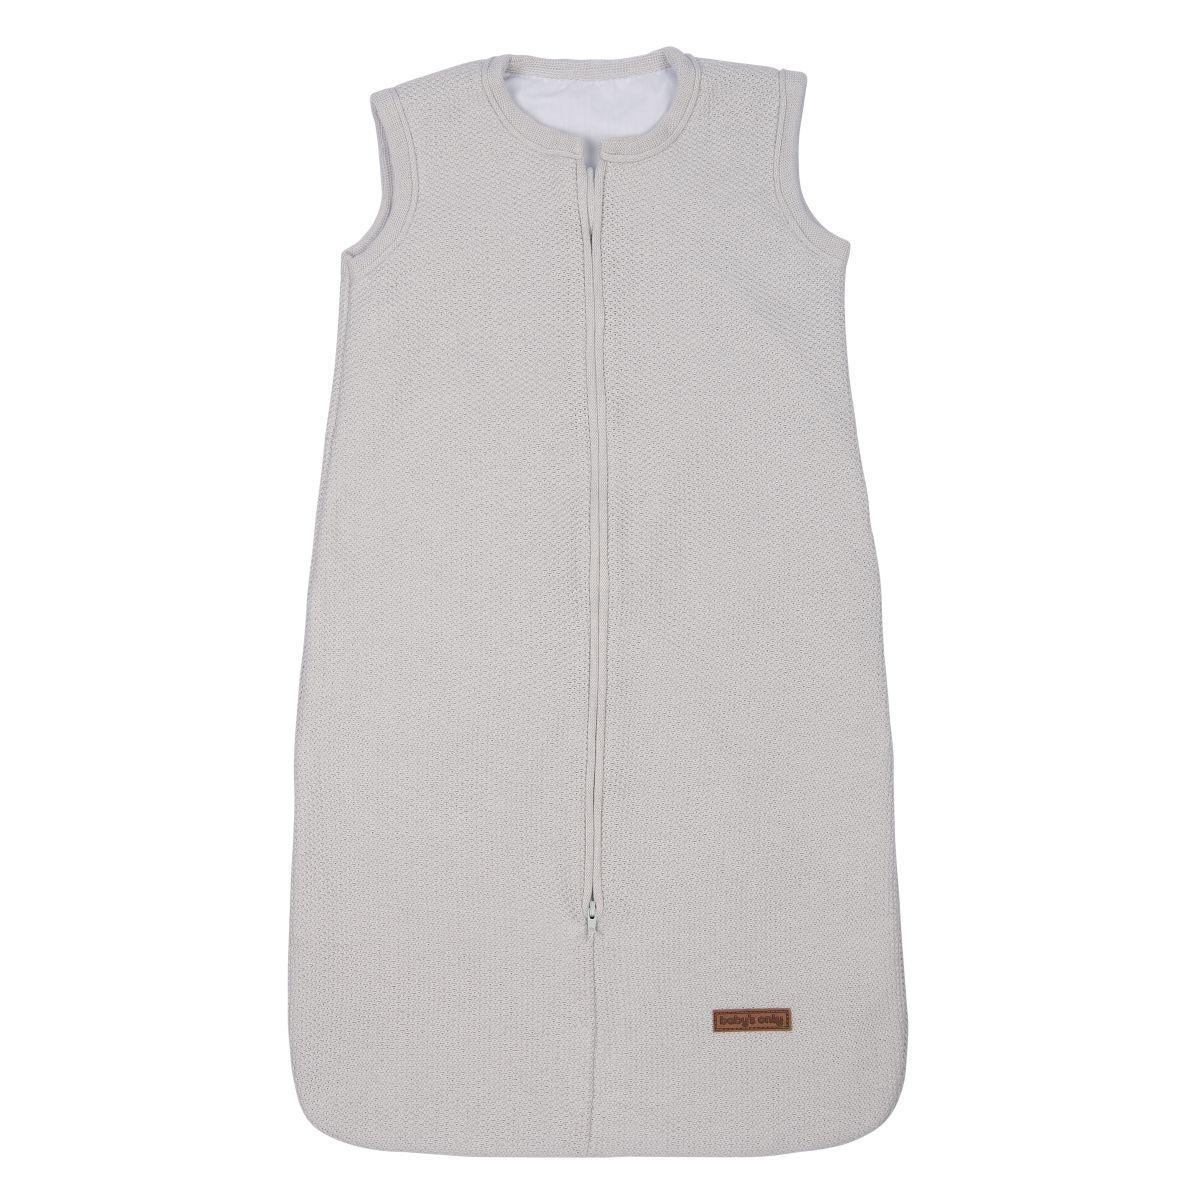 sleeping bag classic silvergrey 70 cm